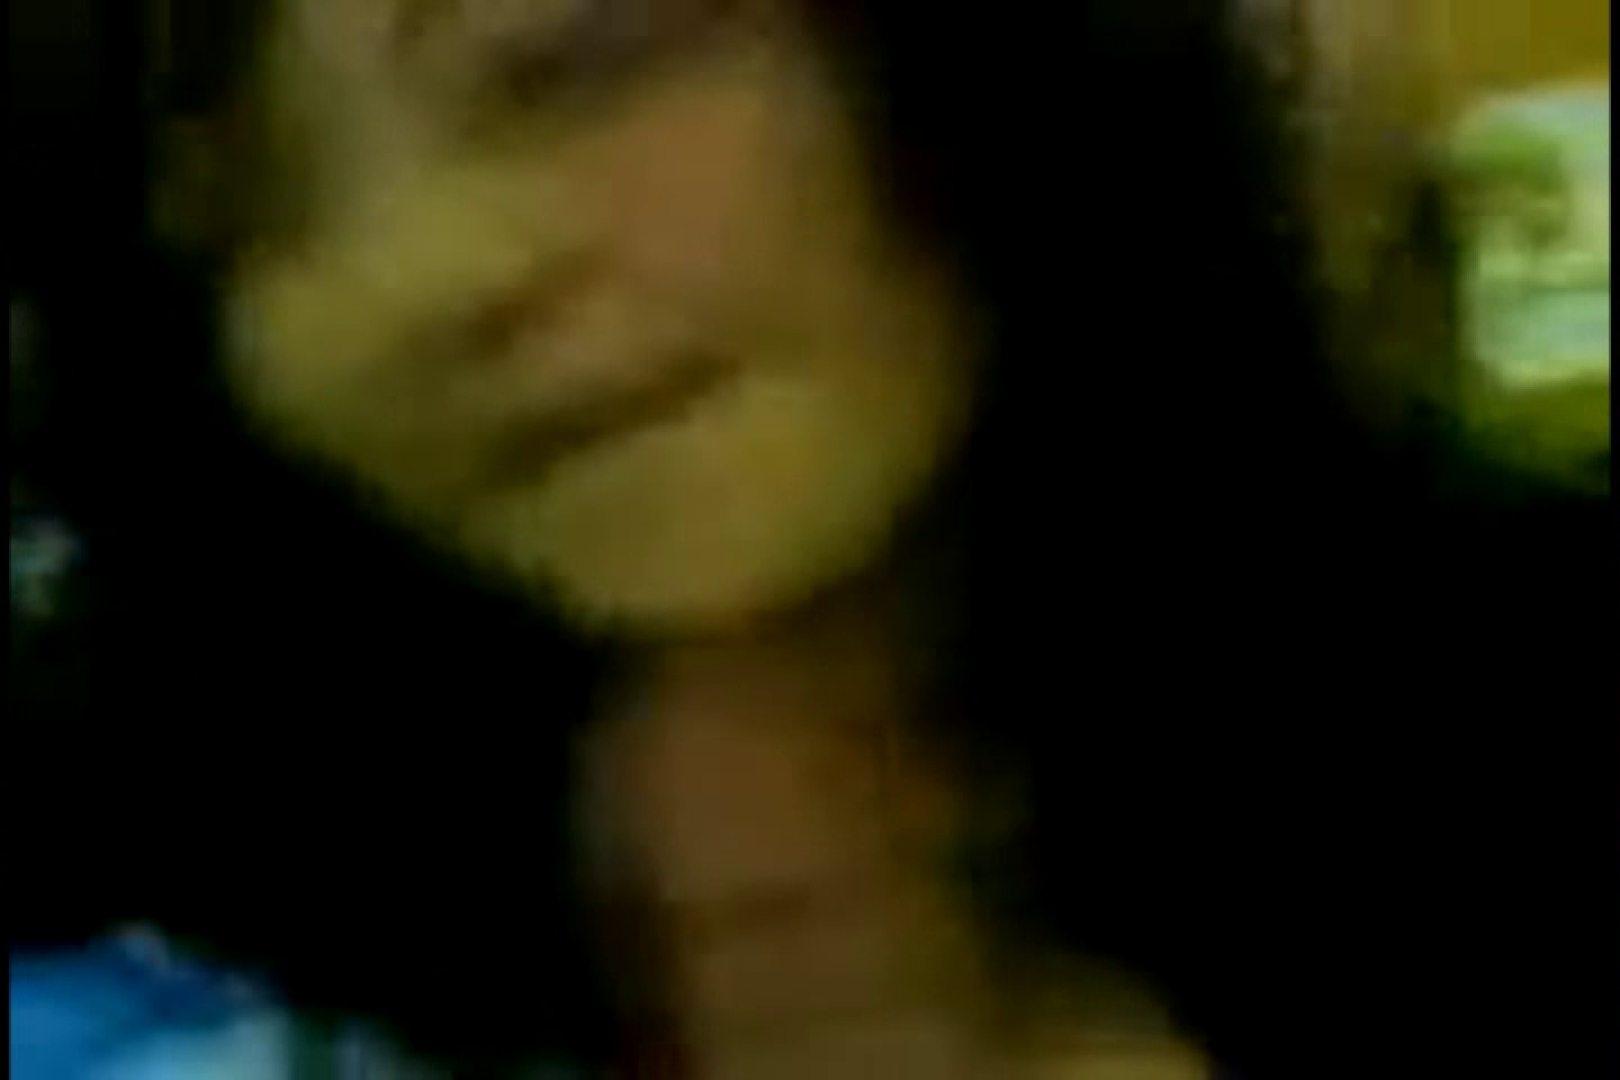 ウイルス流出 カップルのプライベートSEX映像 熟女のエッチ  82pic 21